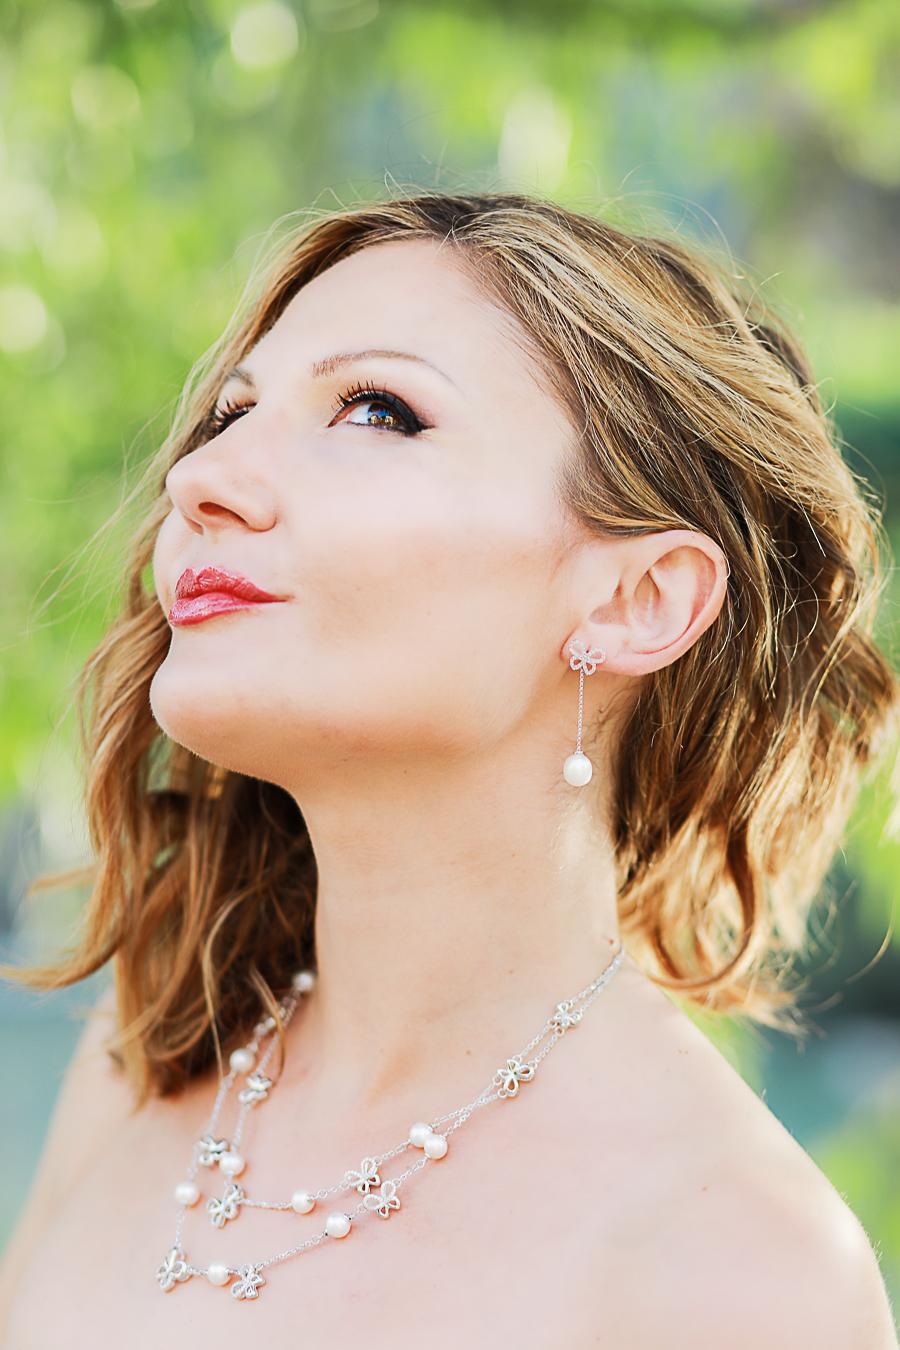 Valeria Arizzi's Fashion Guest Post